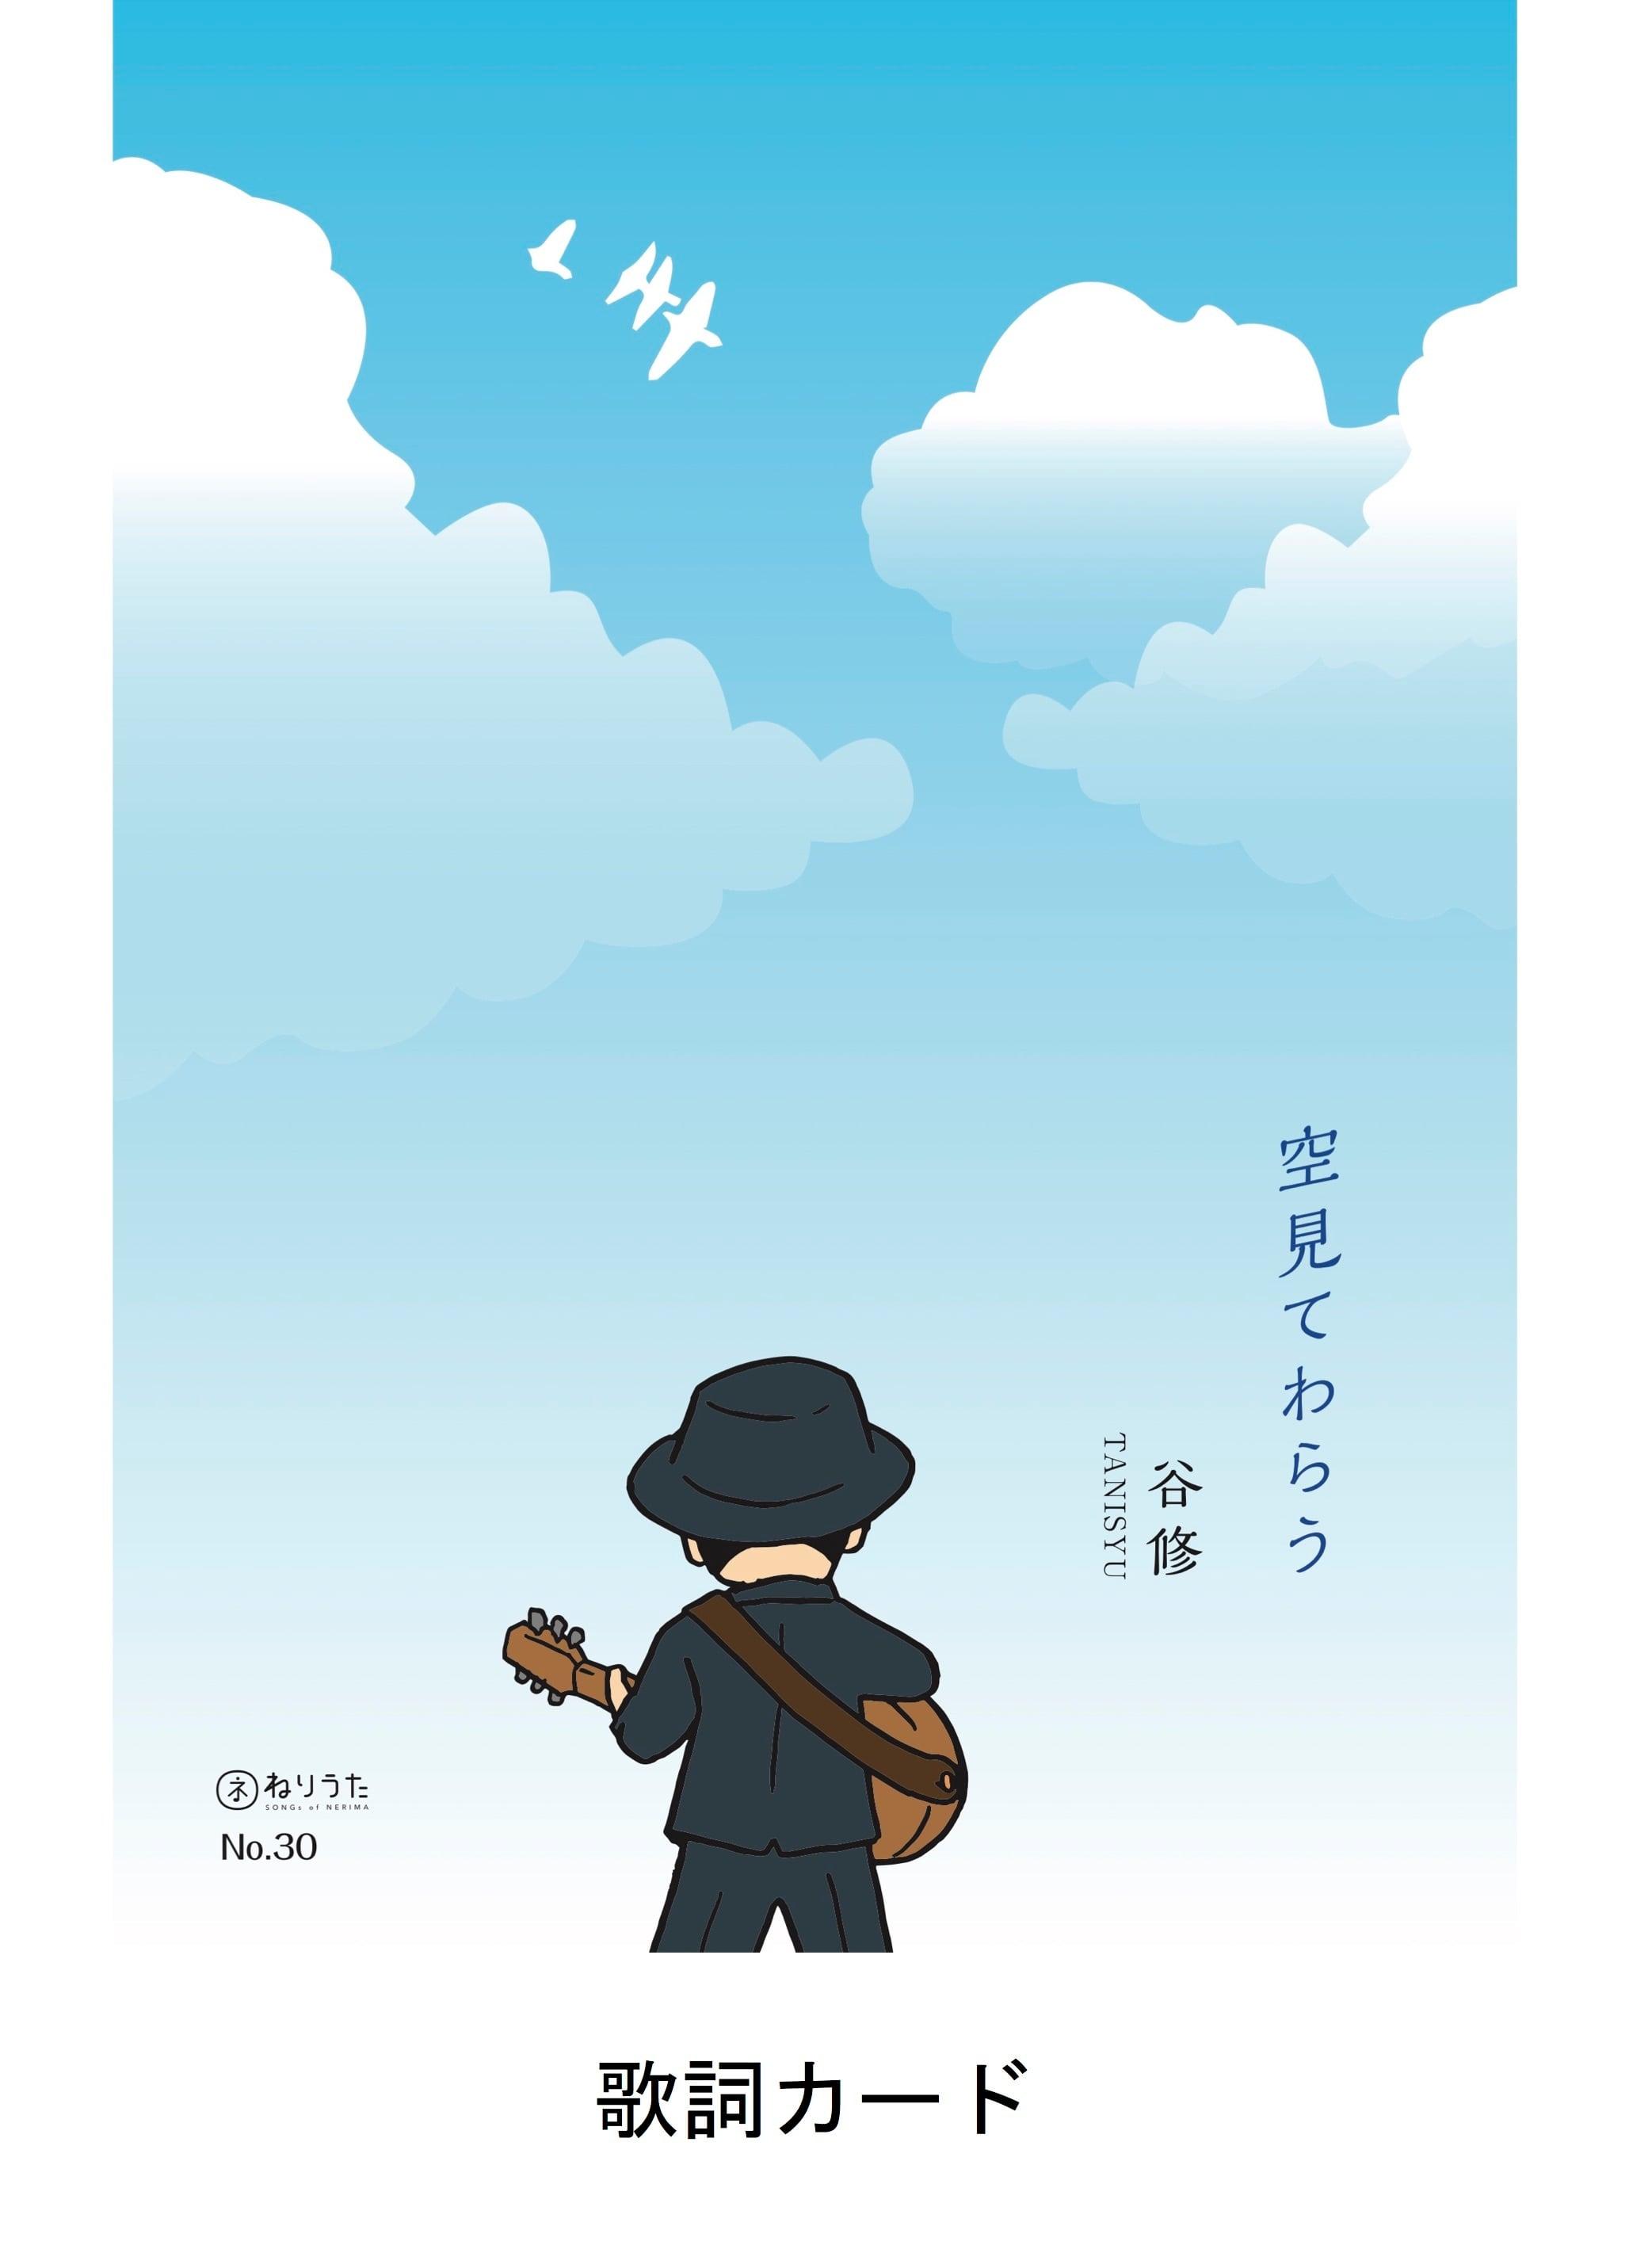 ねりうた #30 「空見てわらう」歌詞カード